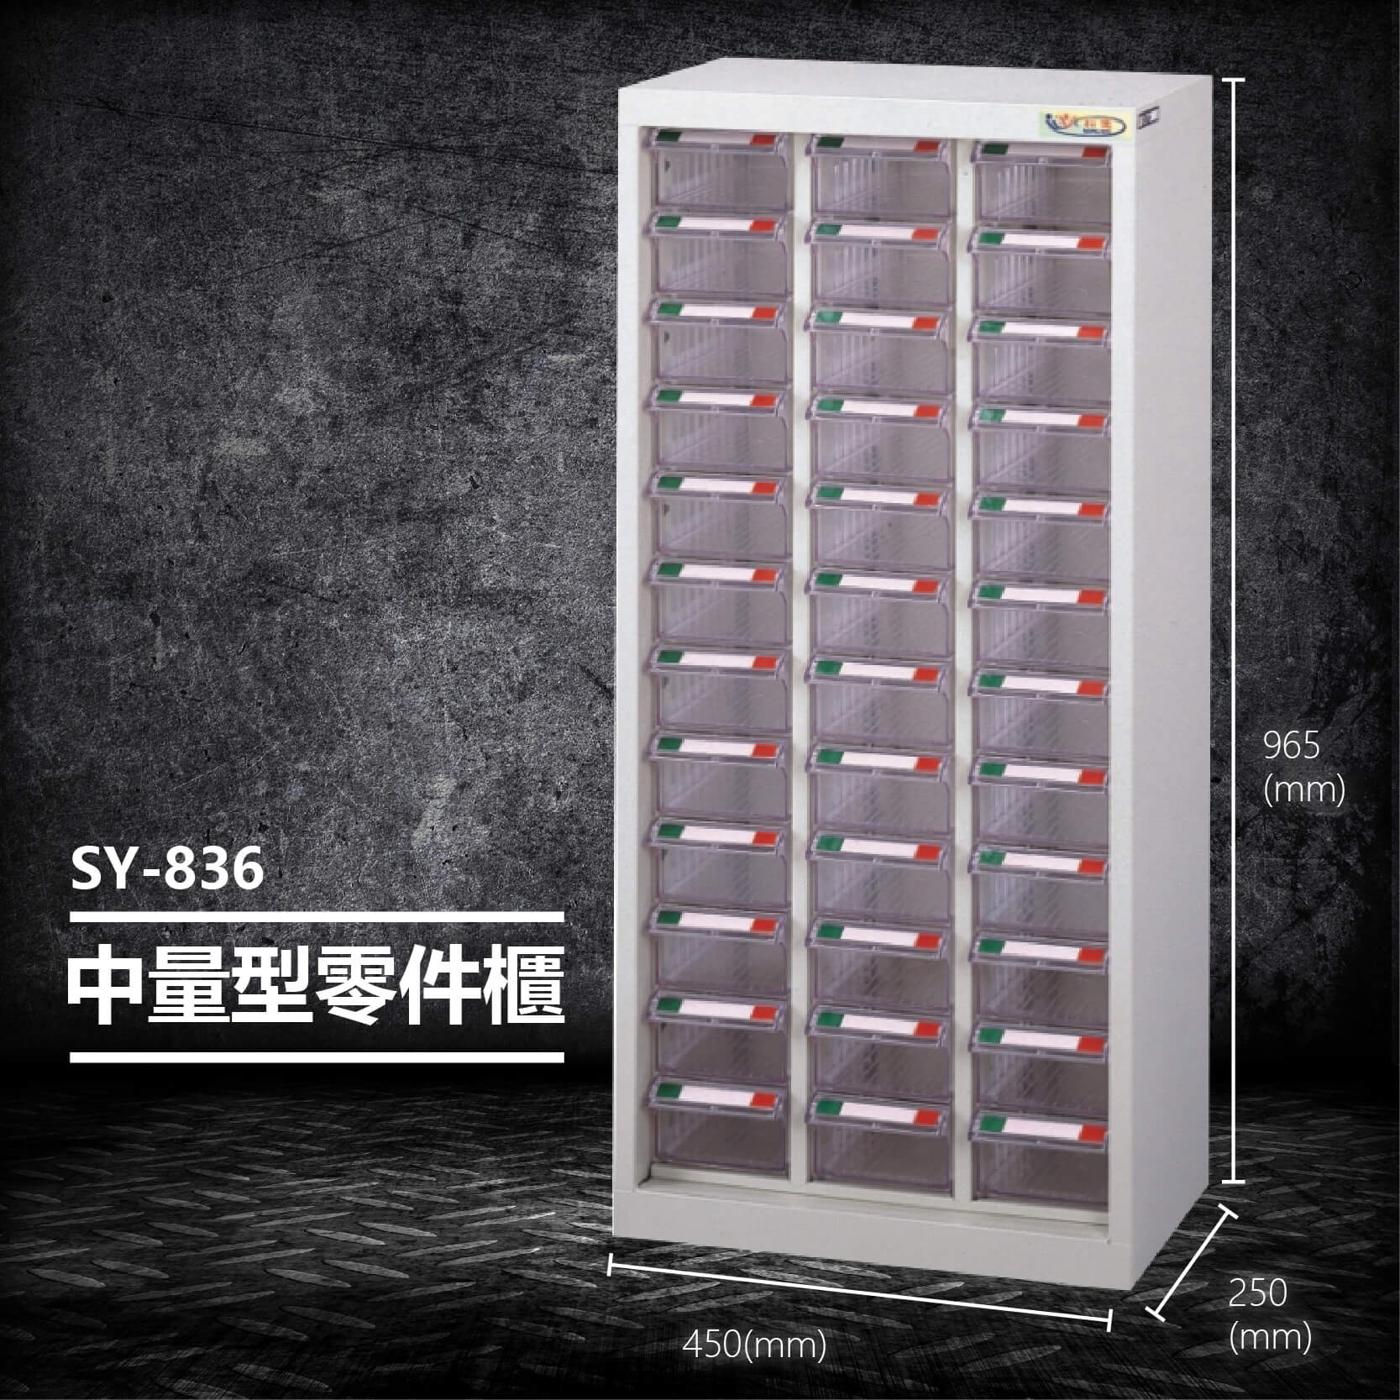 【台灣製造】大富 SY-836 中量型零件櫃 收納櫃 零件盒 置物櫃 分類盒 分類櫃 工具櫃